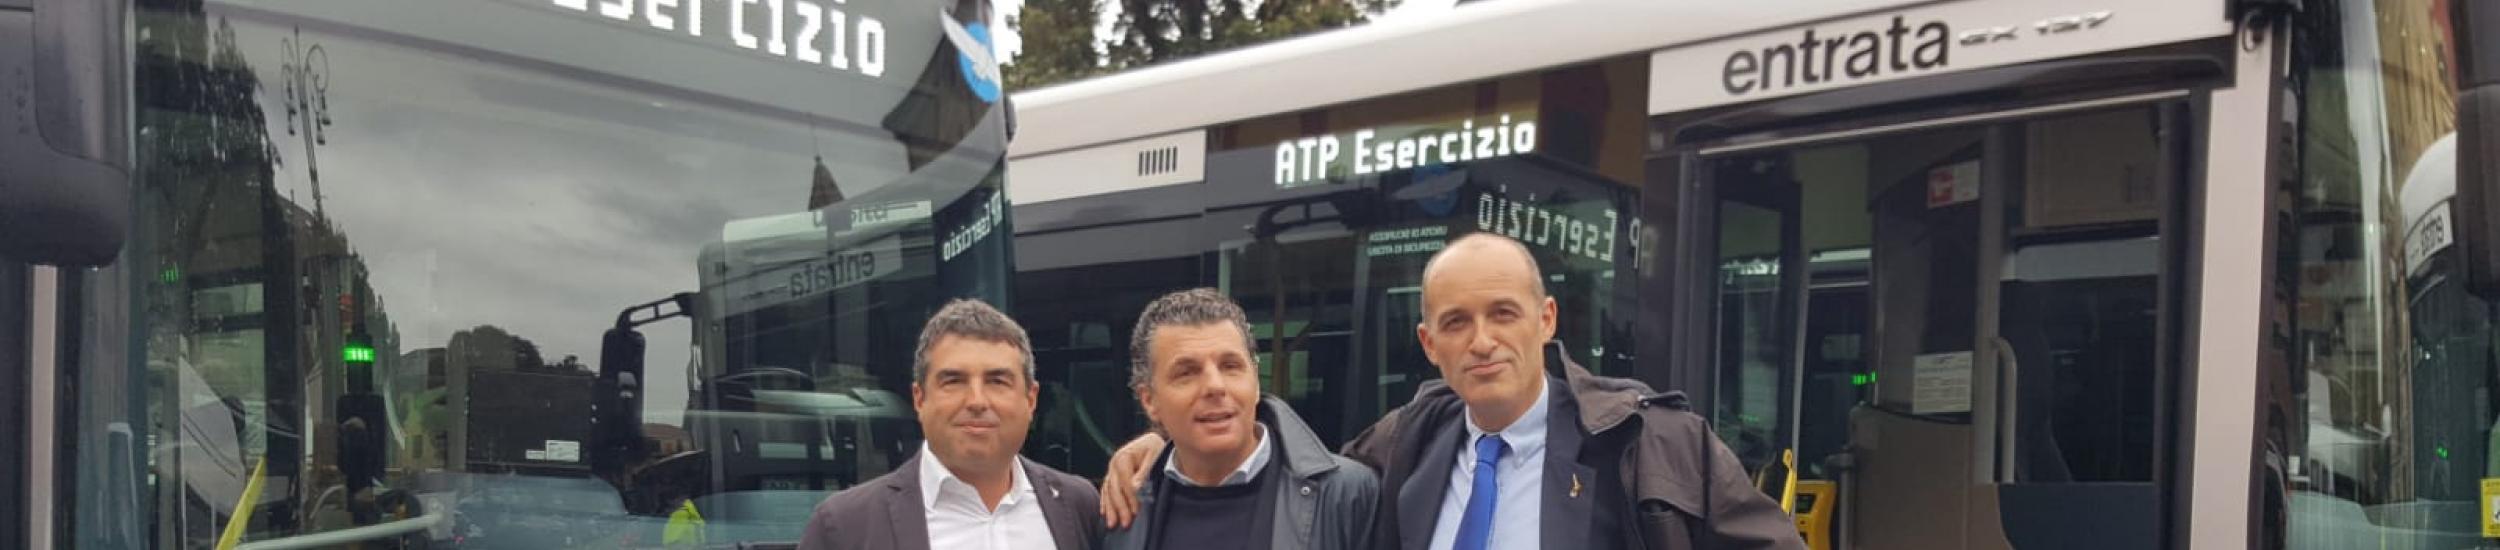 Nuovi mezzi ATP